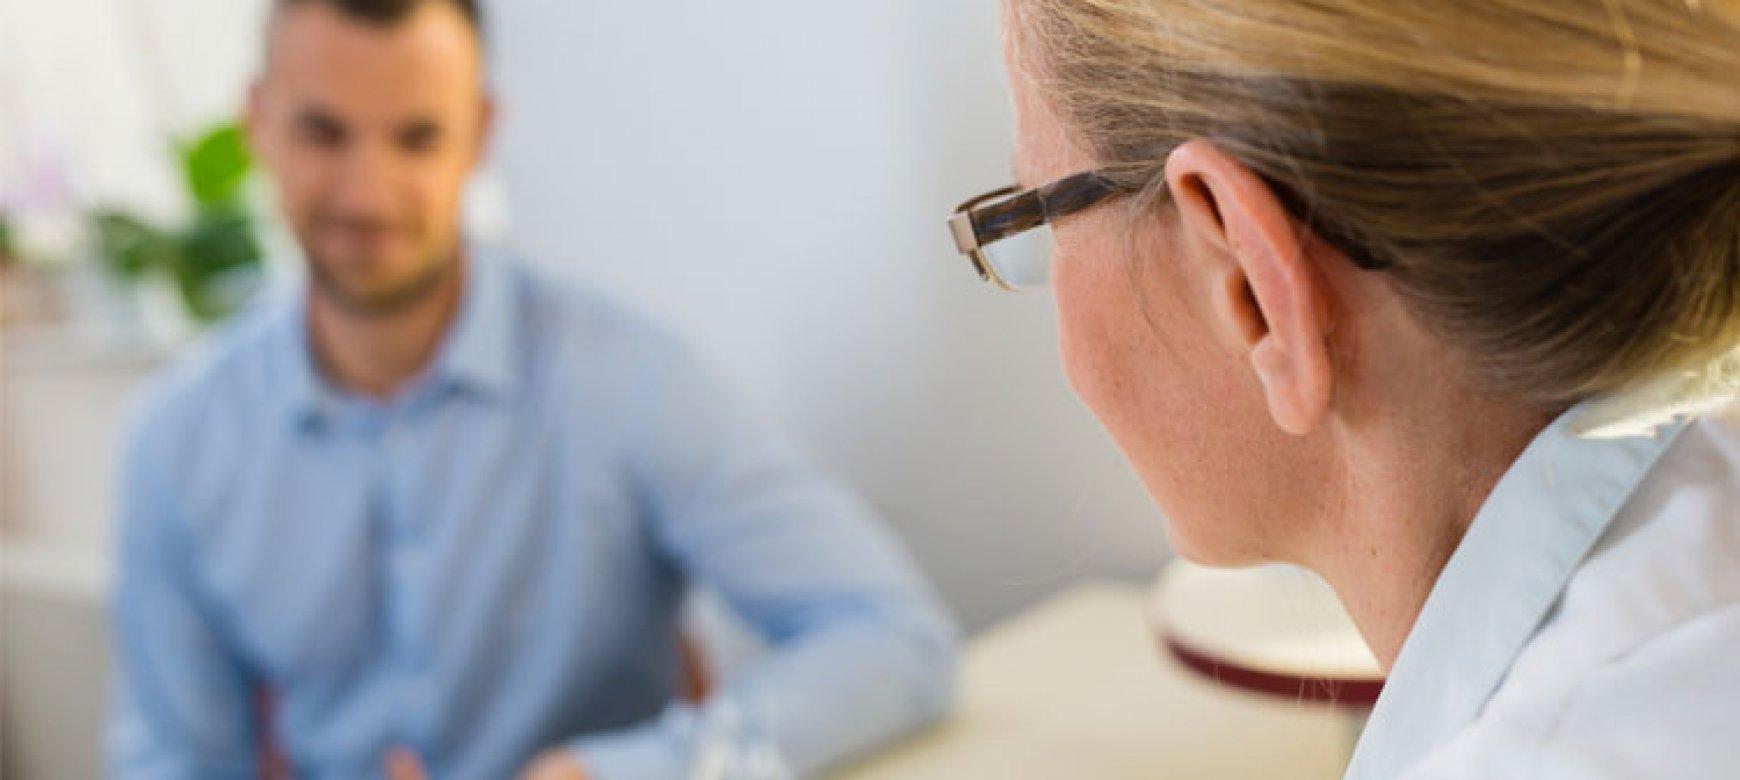 Πώς να βελτιώσετε την επικοινωνία με τον ασθενή